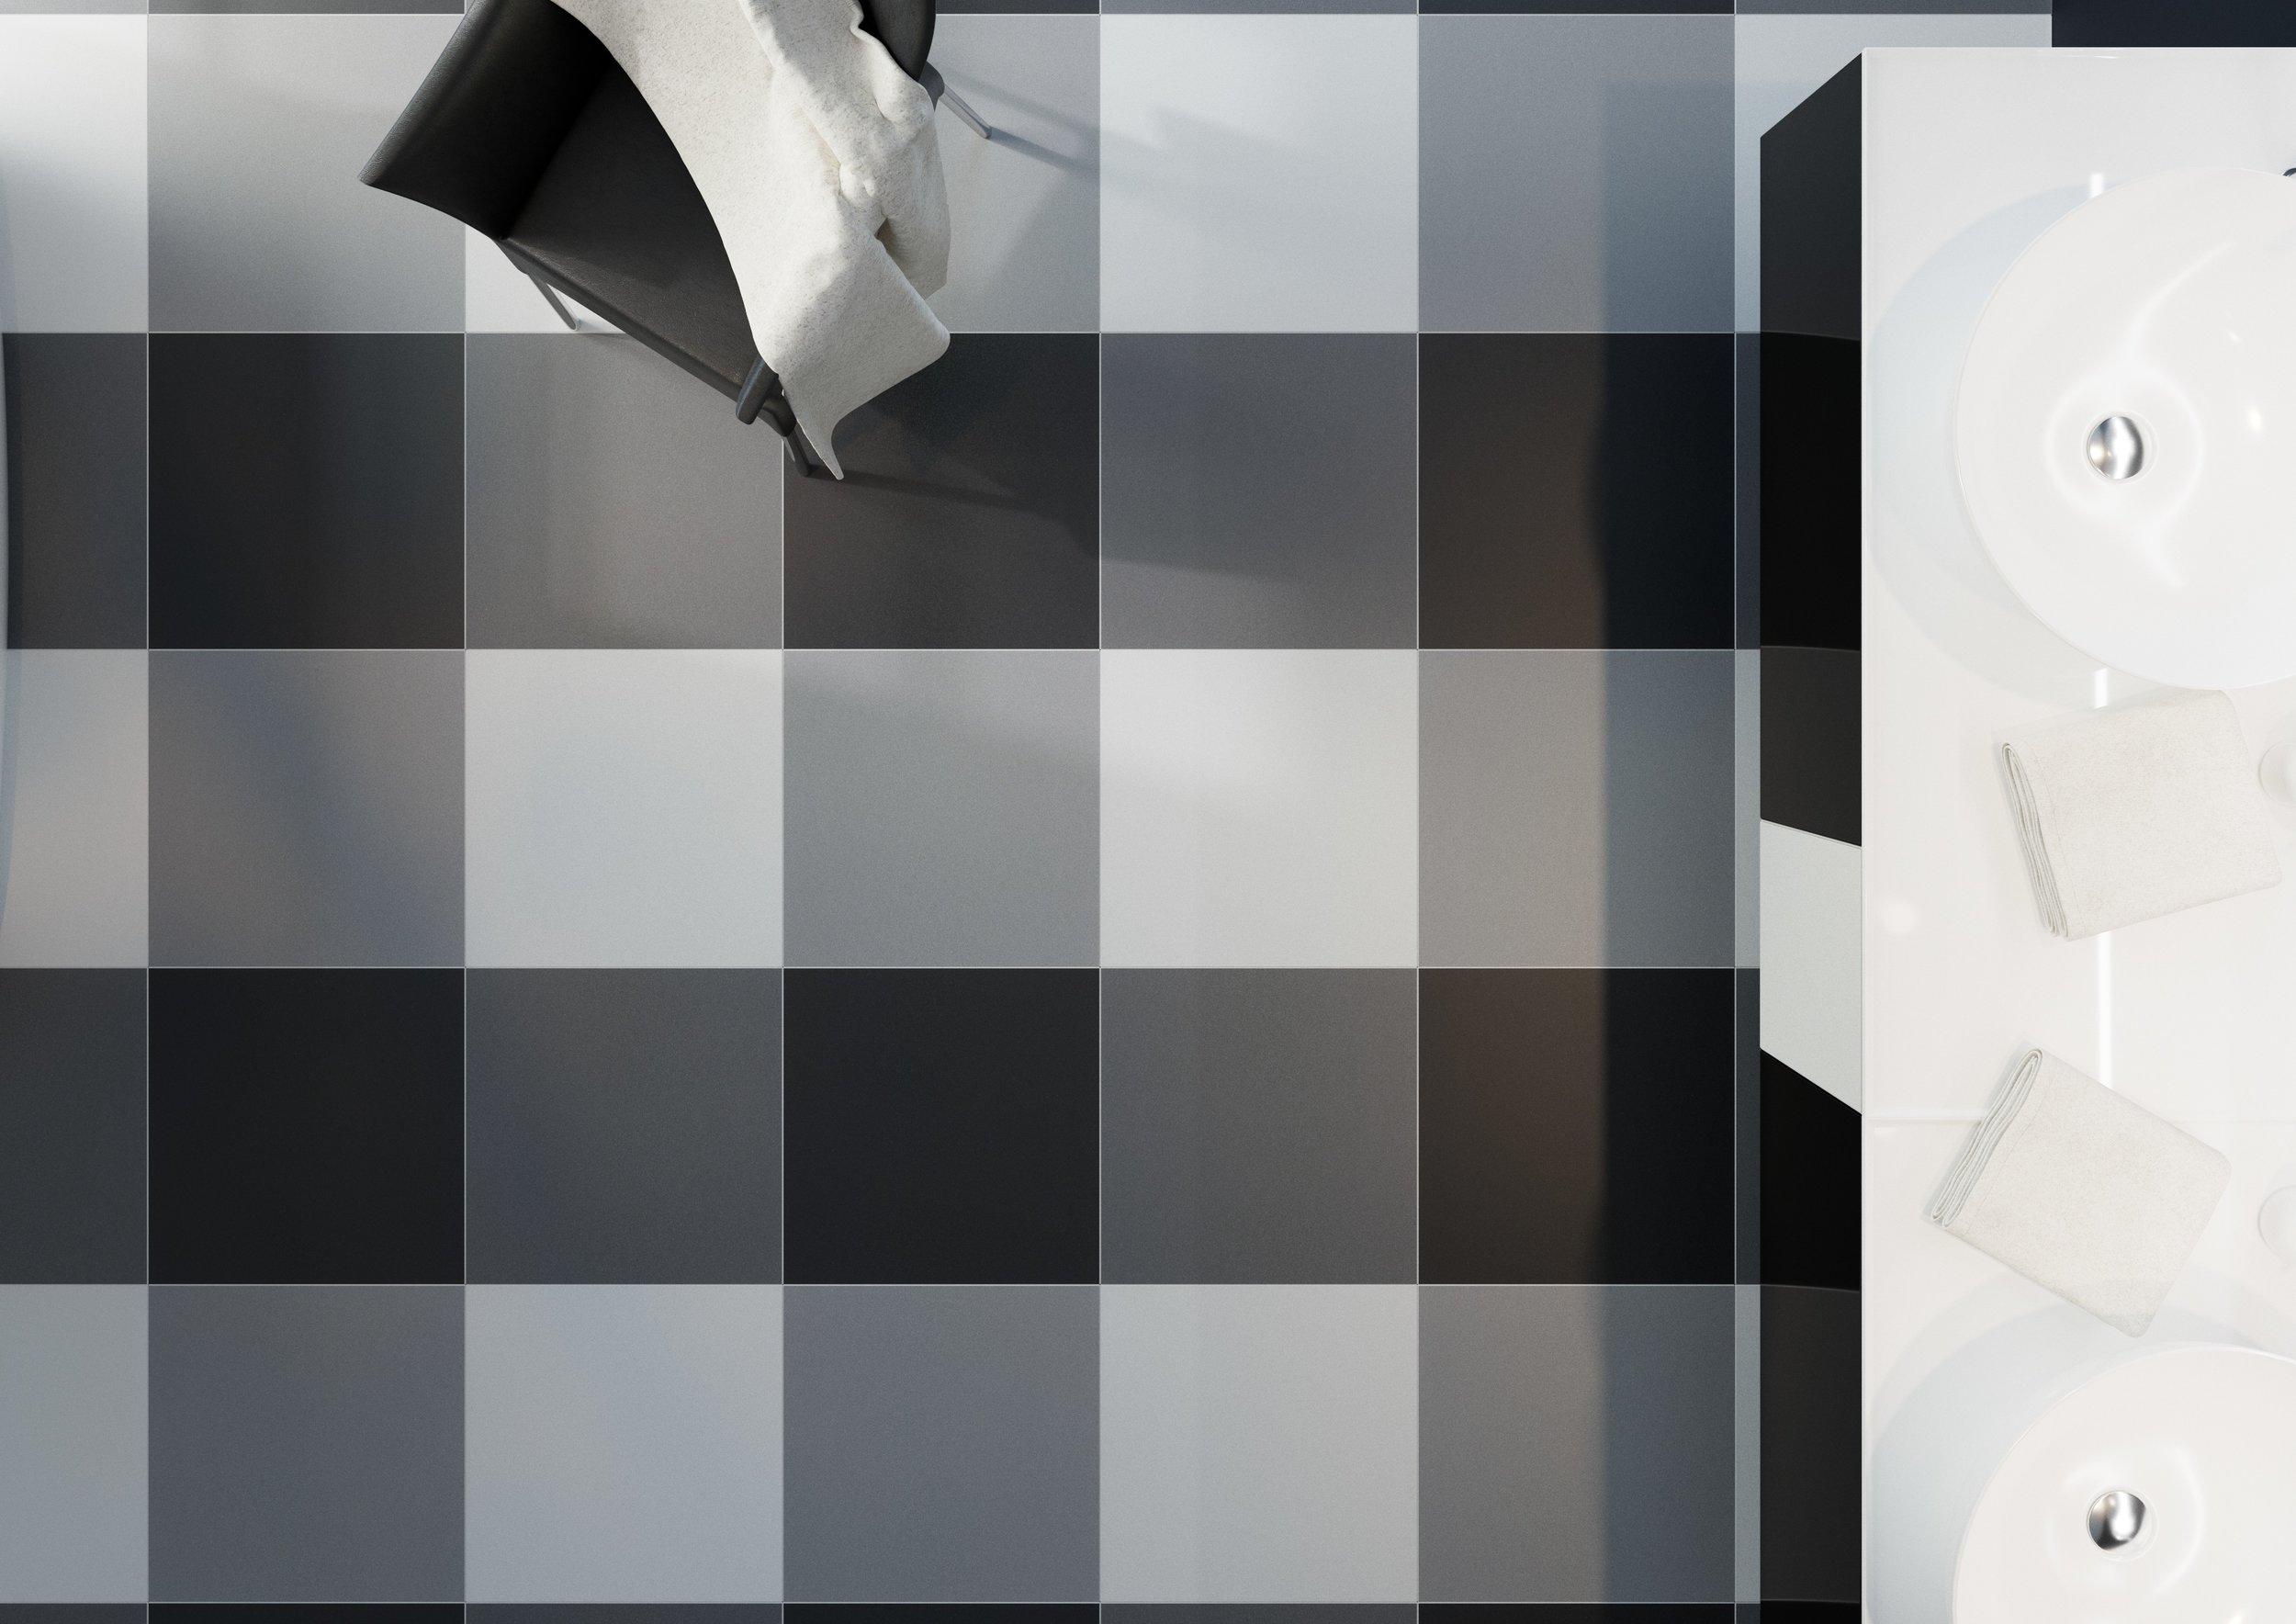 Wizualizacje podłóg drewnianych i płytek ceramicznych_3.jpg